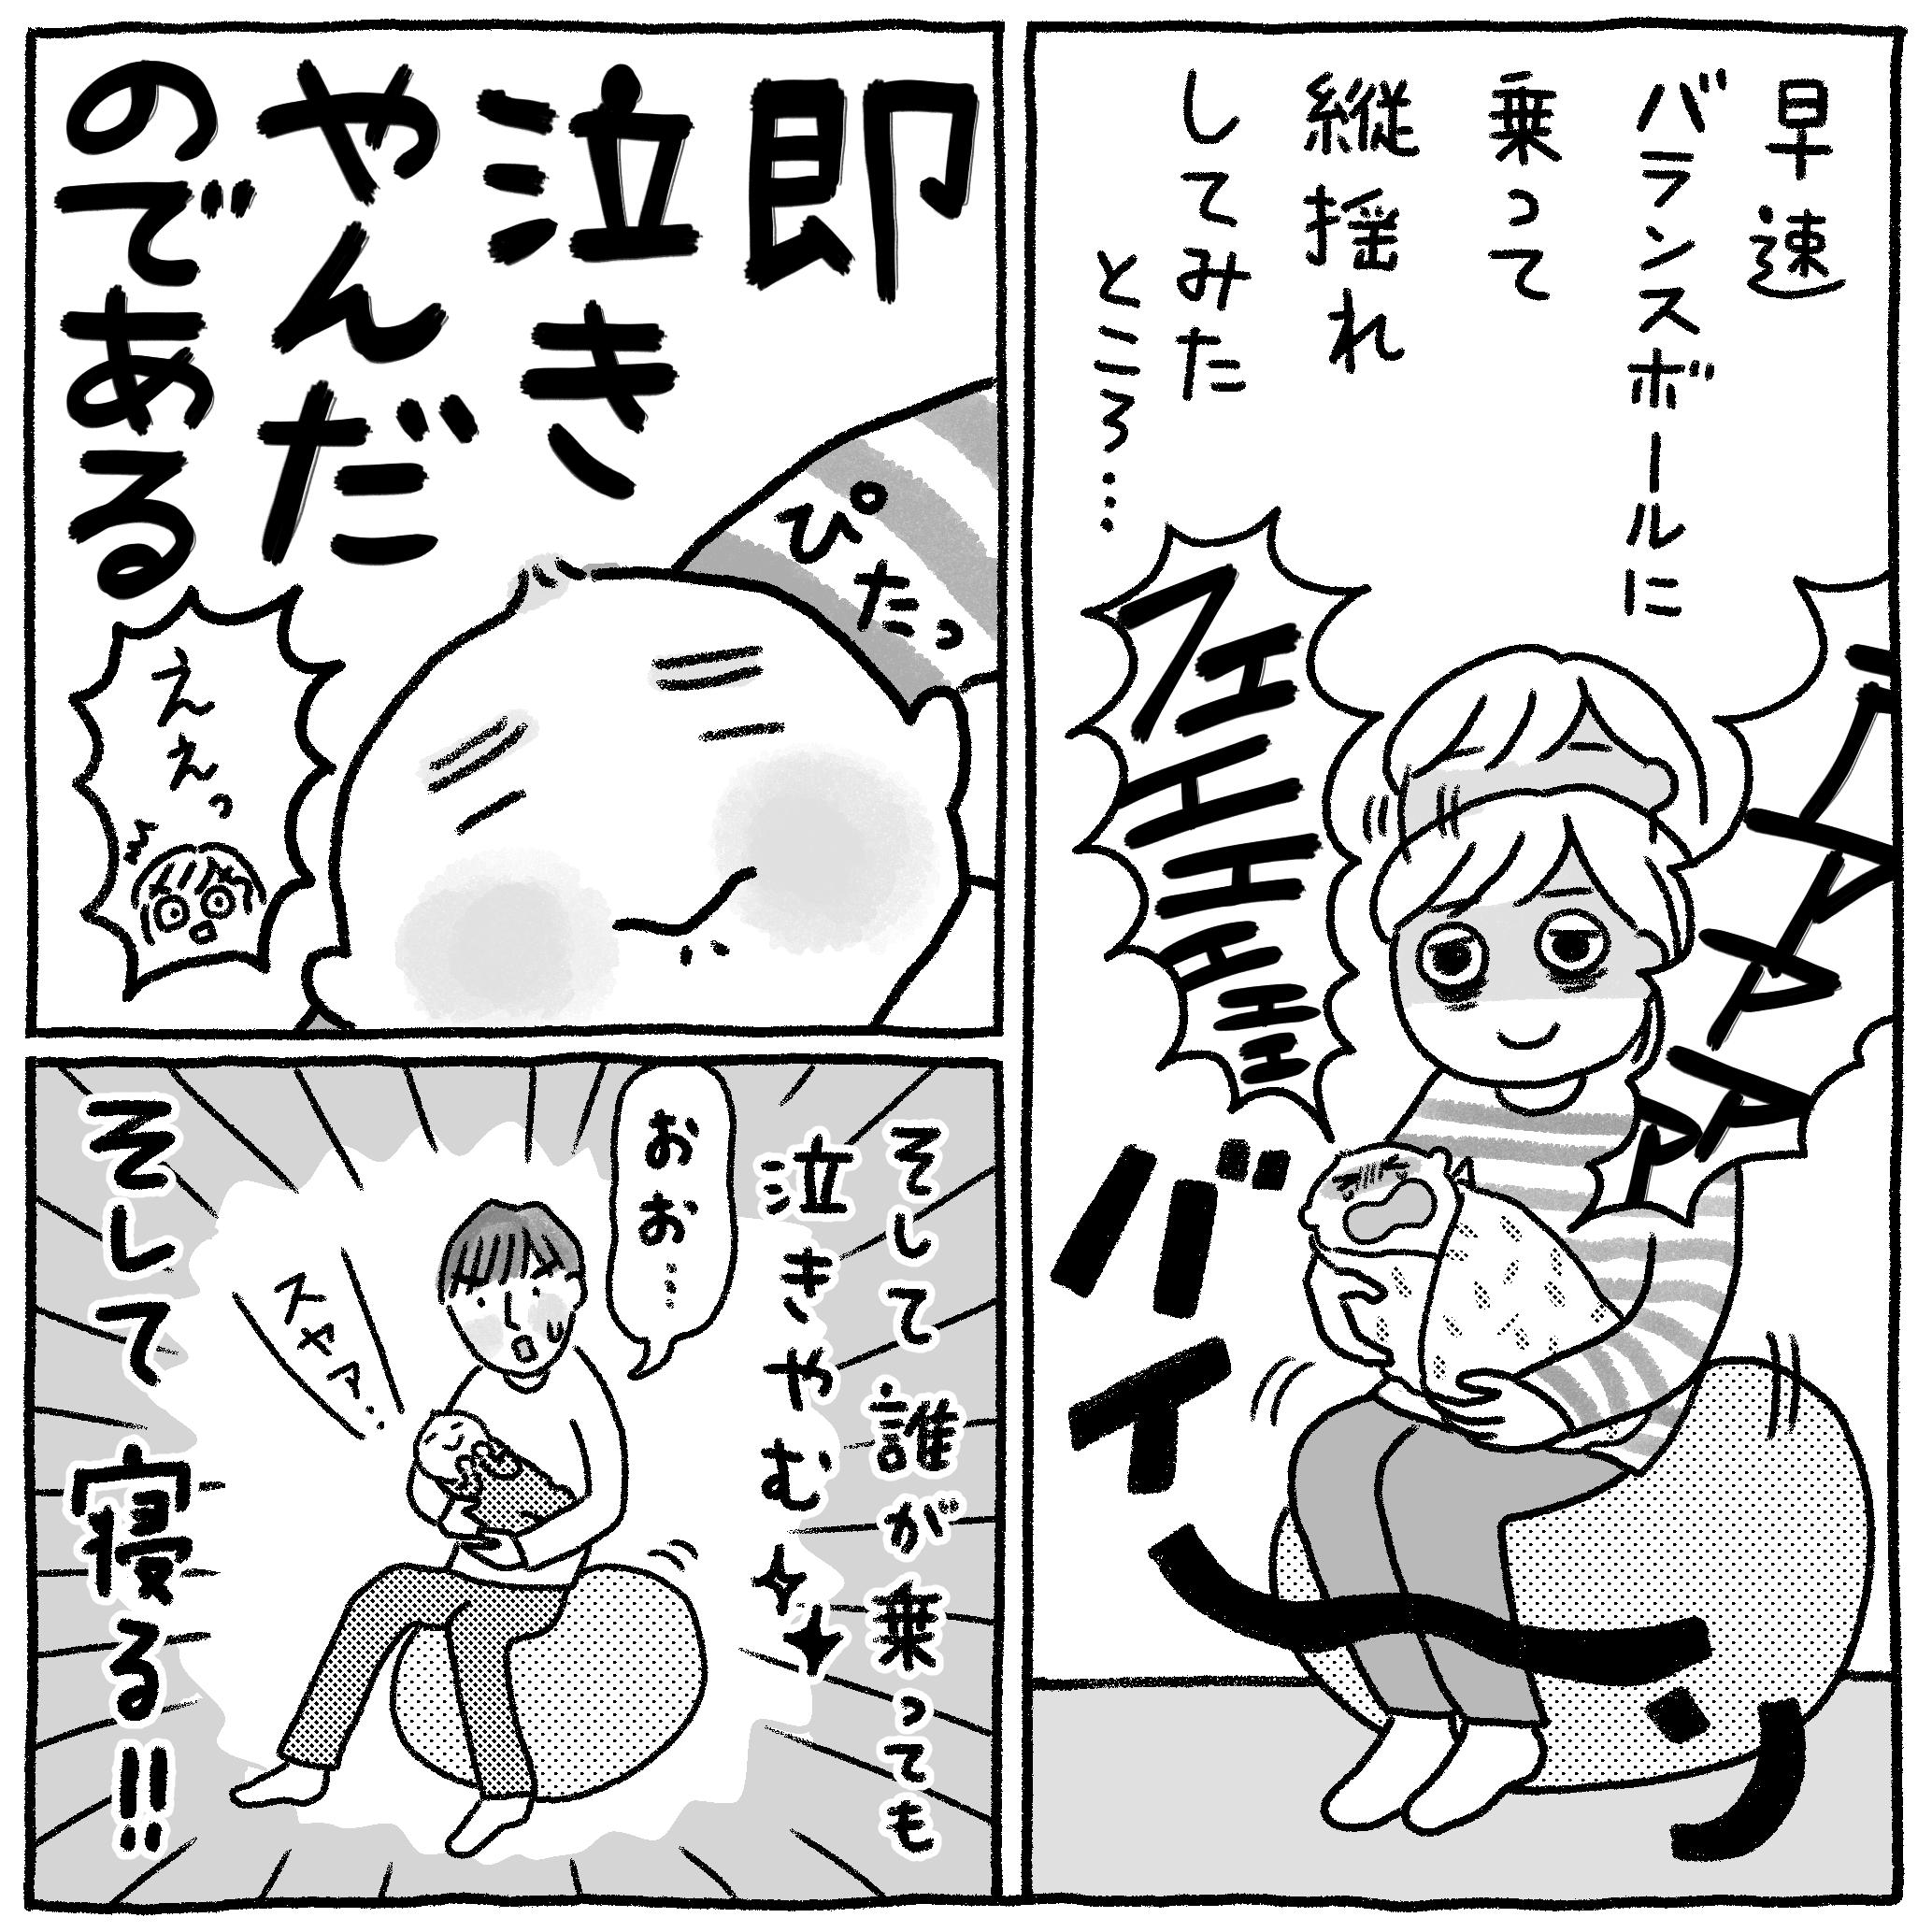 webメディア「ソレドコ」オススメ育児グッズ! 記事寄稿<楽天>